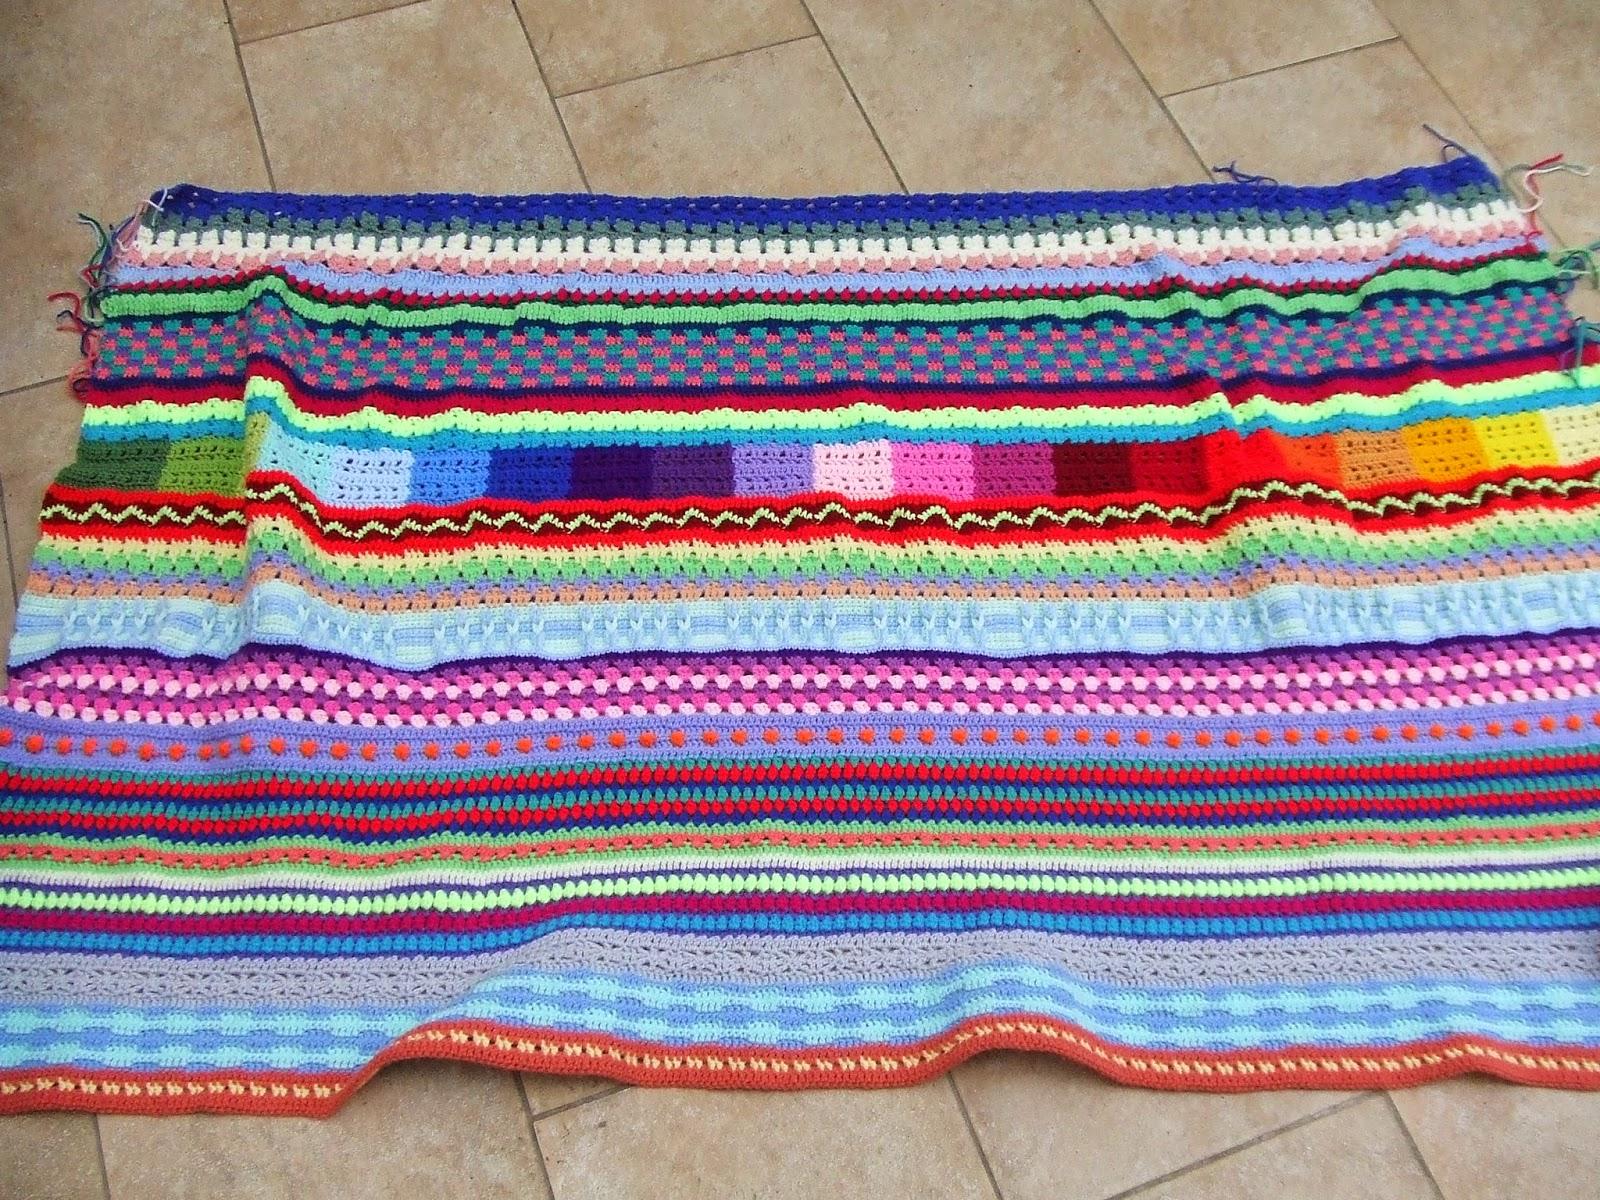 My World Of Crochet Diätdecke Woche 8 Teil 7